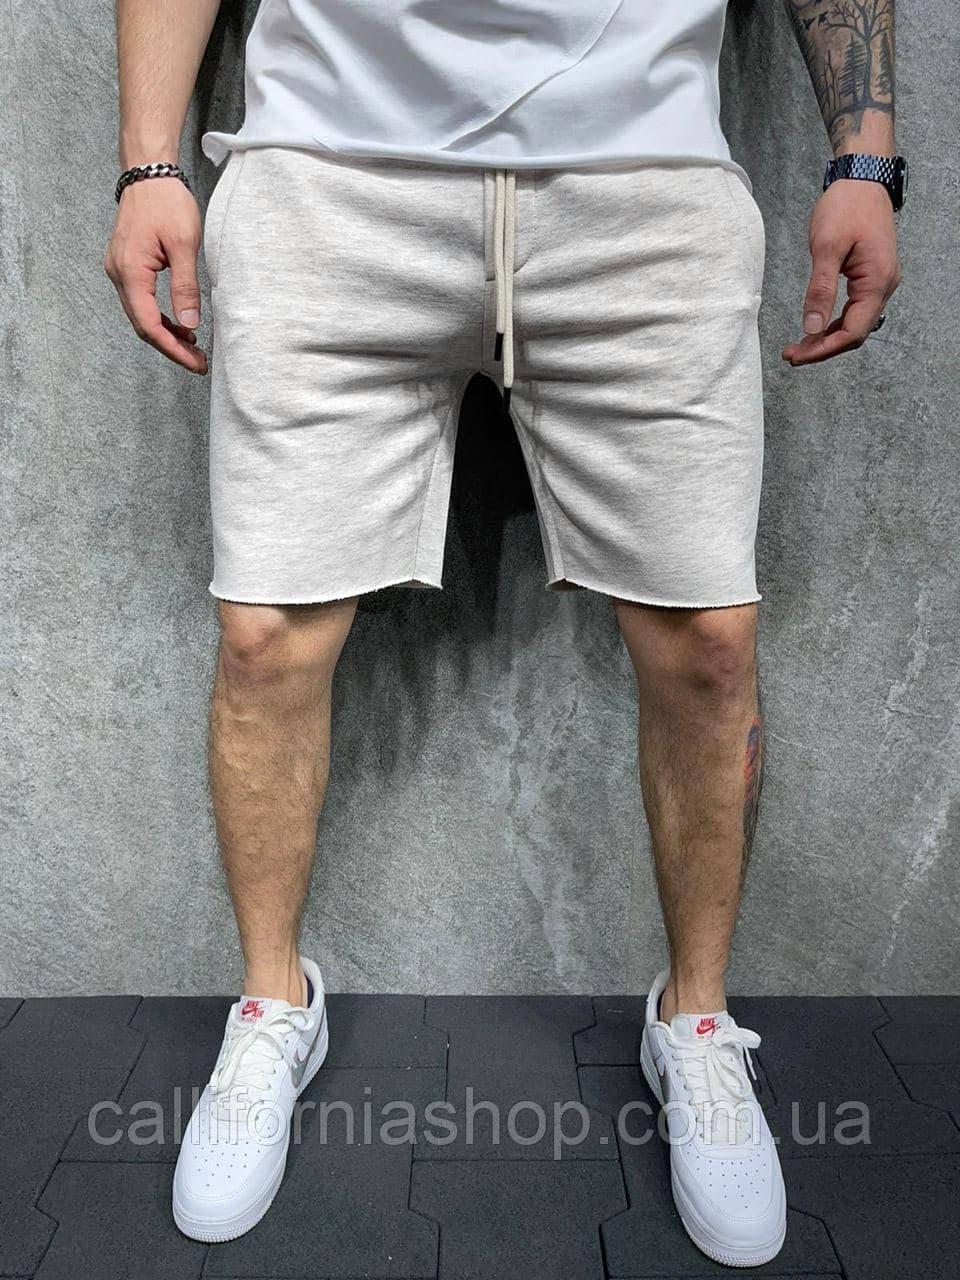 Шорти чоловічі світло-сірі тканинні легкі